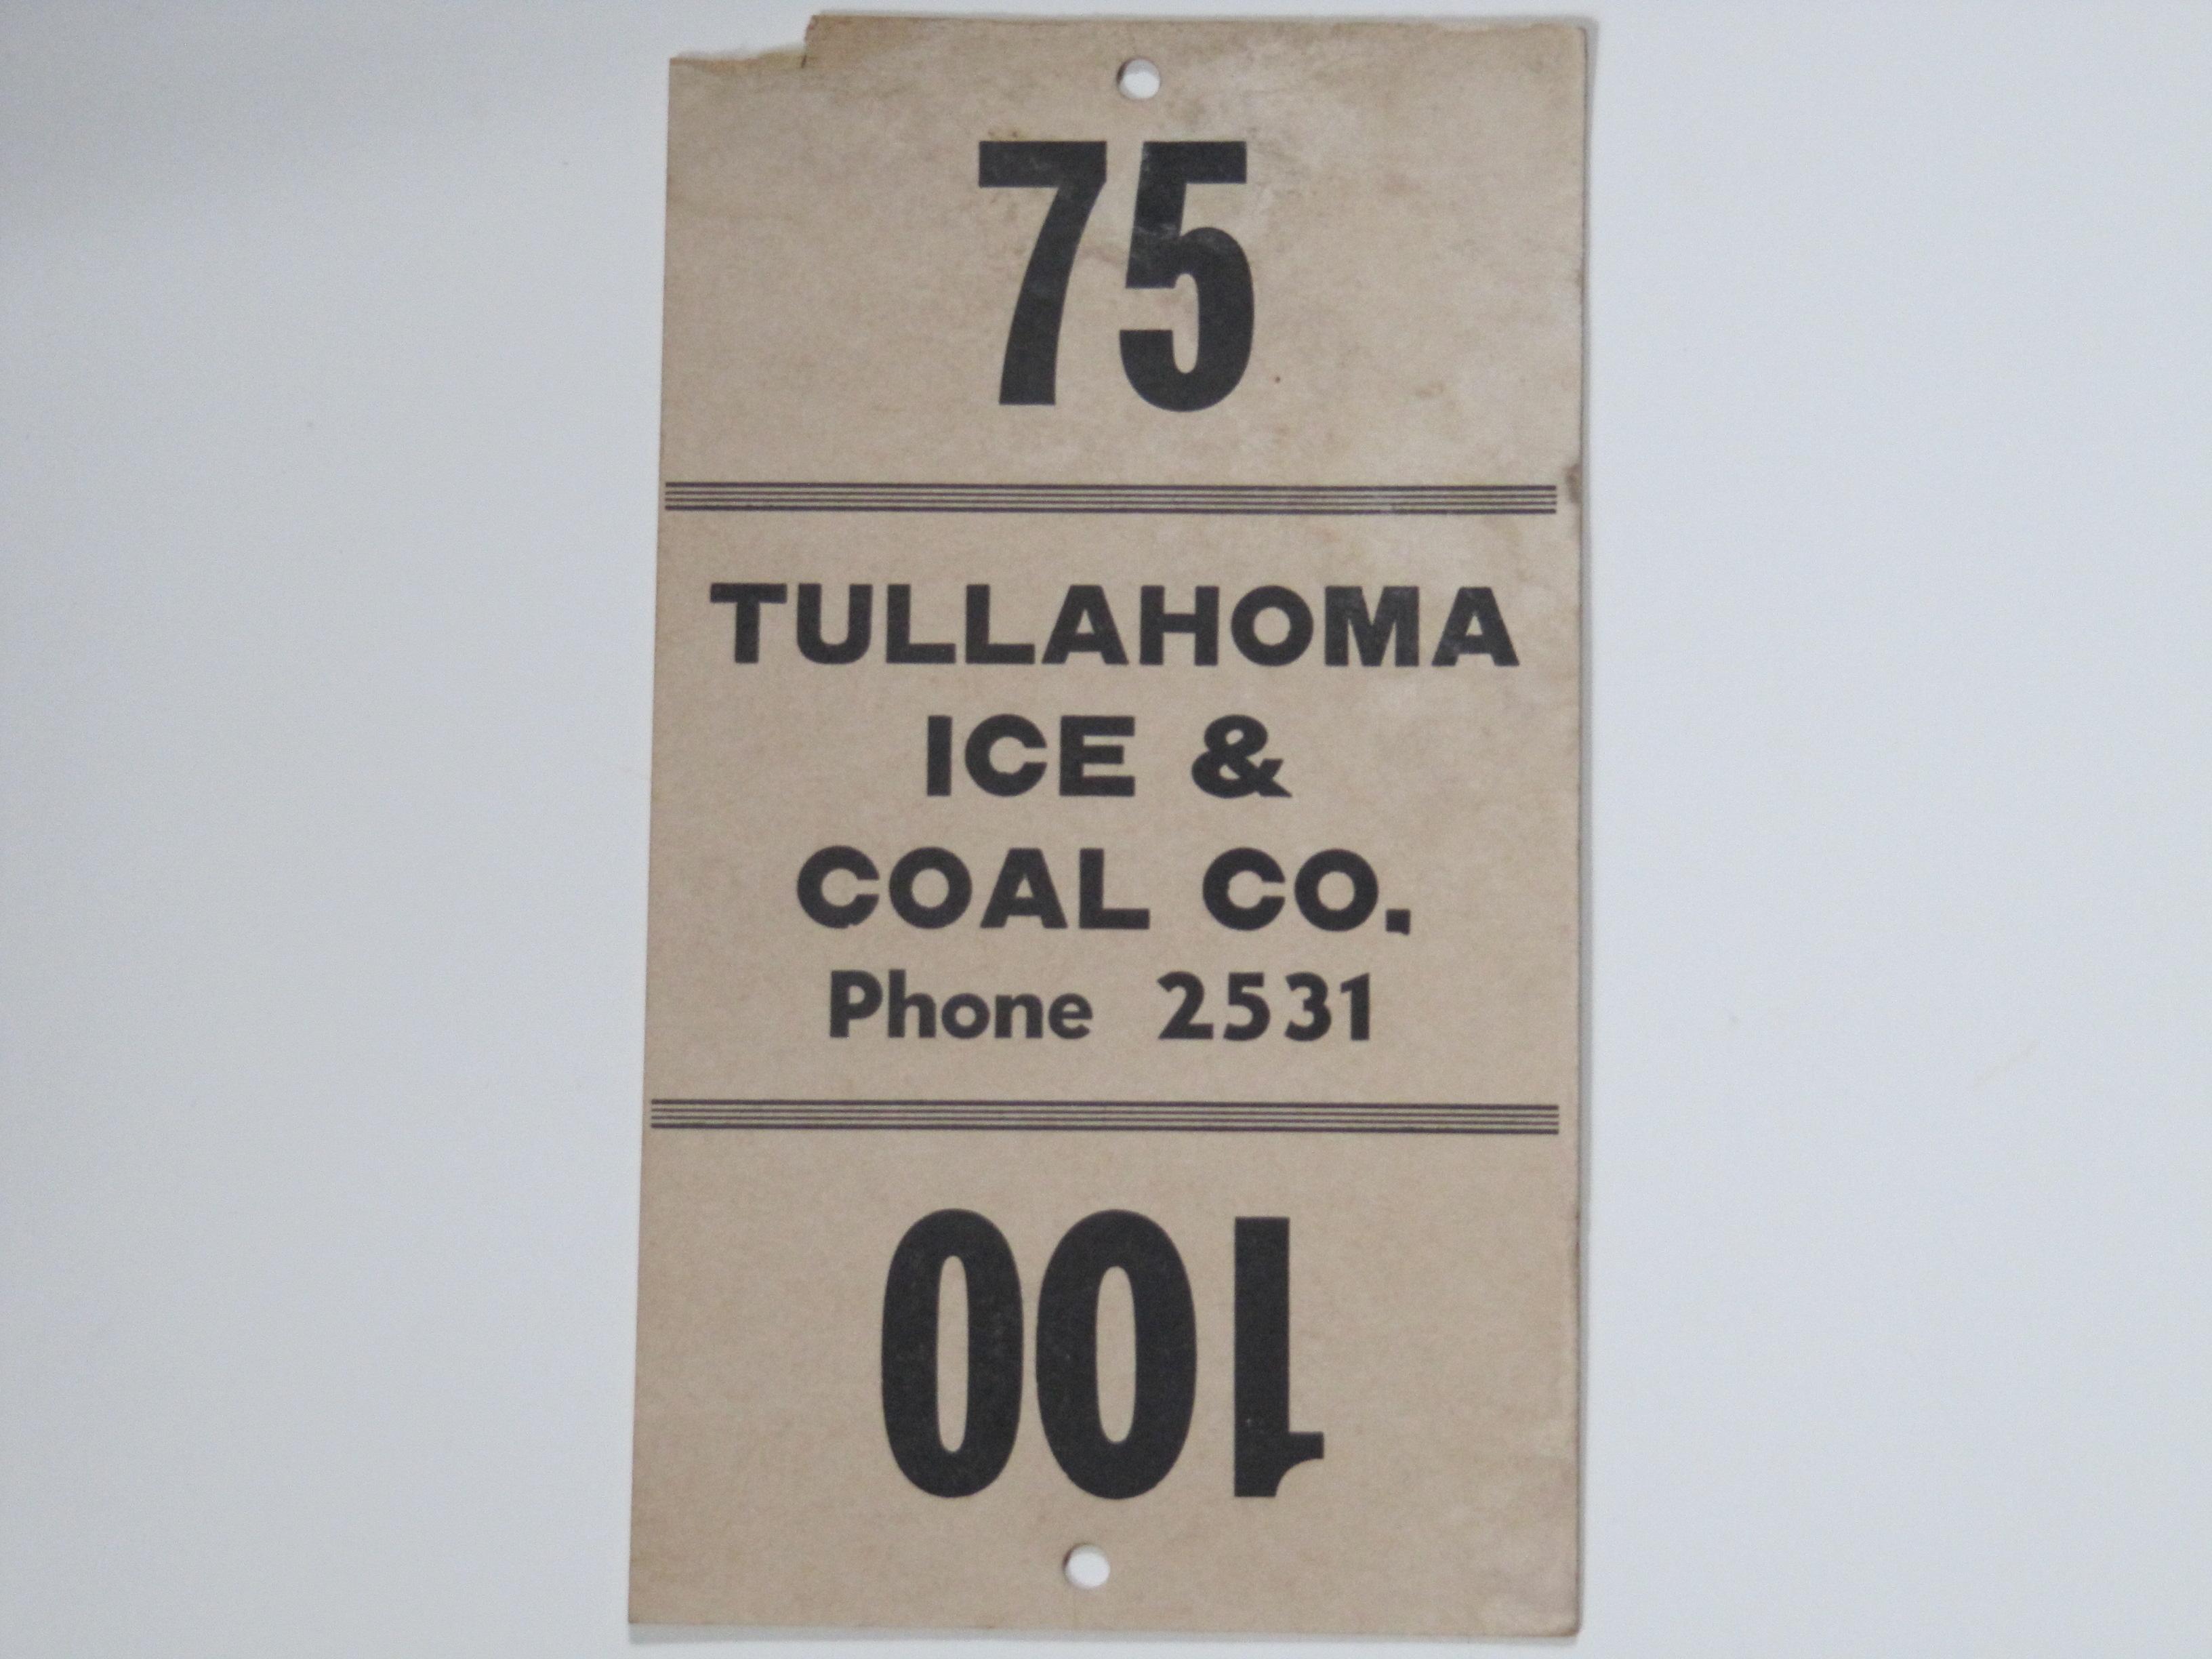 Tullahoma I ce & Coal Co.